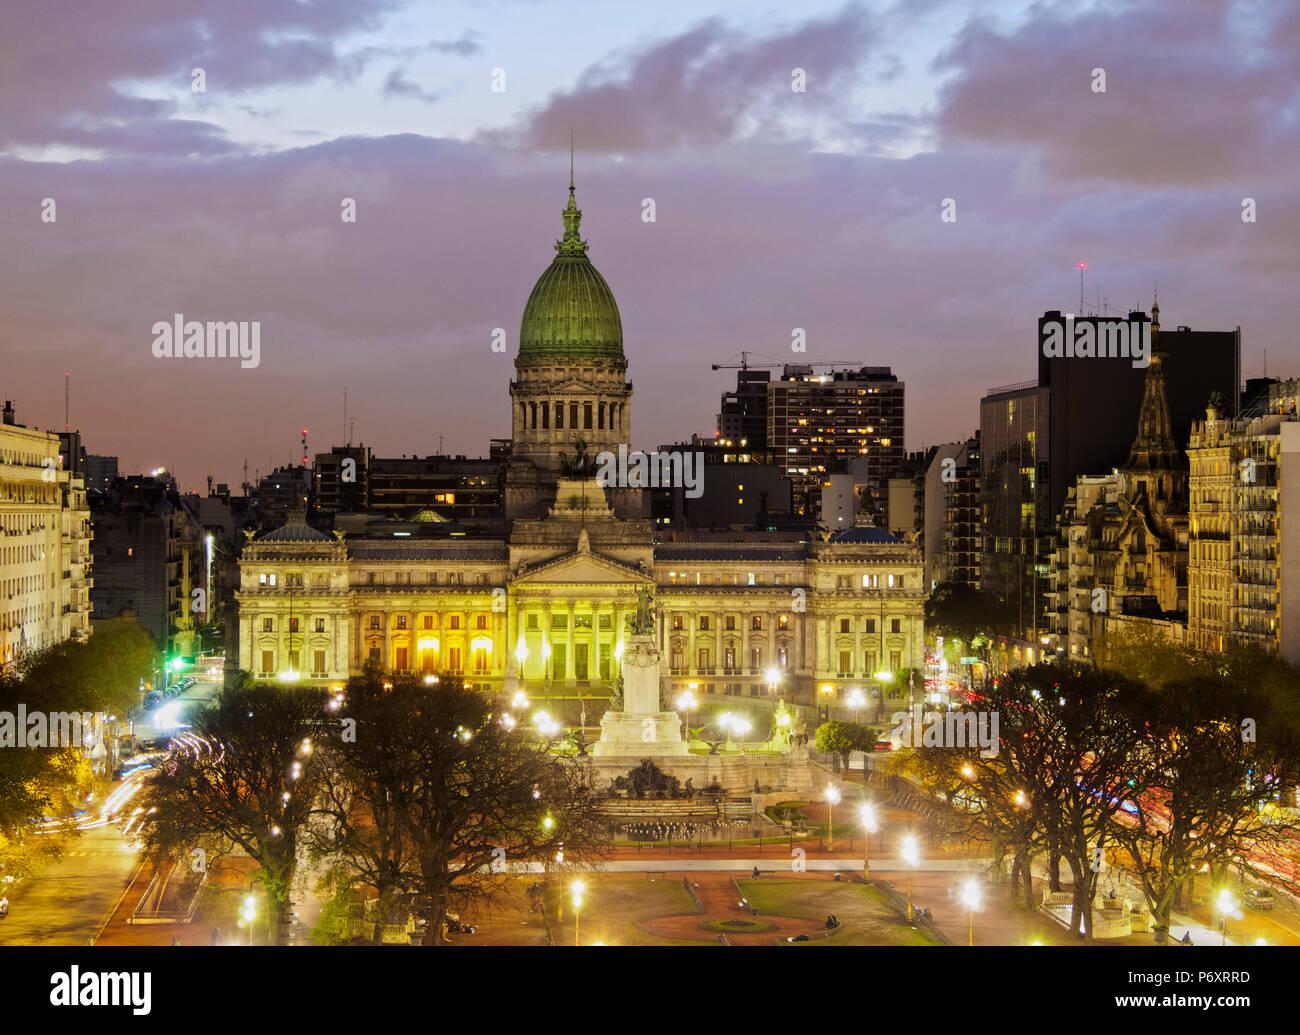 Argentina, Provincia de Buenos Aires, Ciudad de Buenos Aires, Plaza del Congreso, niveles elevados de vista del Palacio del Congreso Argentino. Imagen De Stock